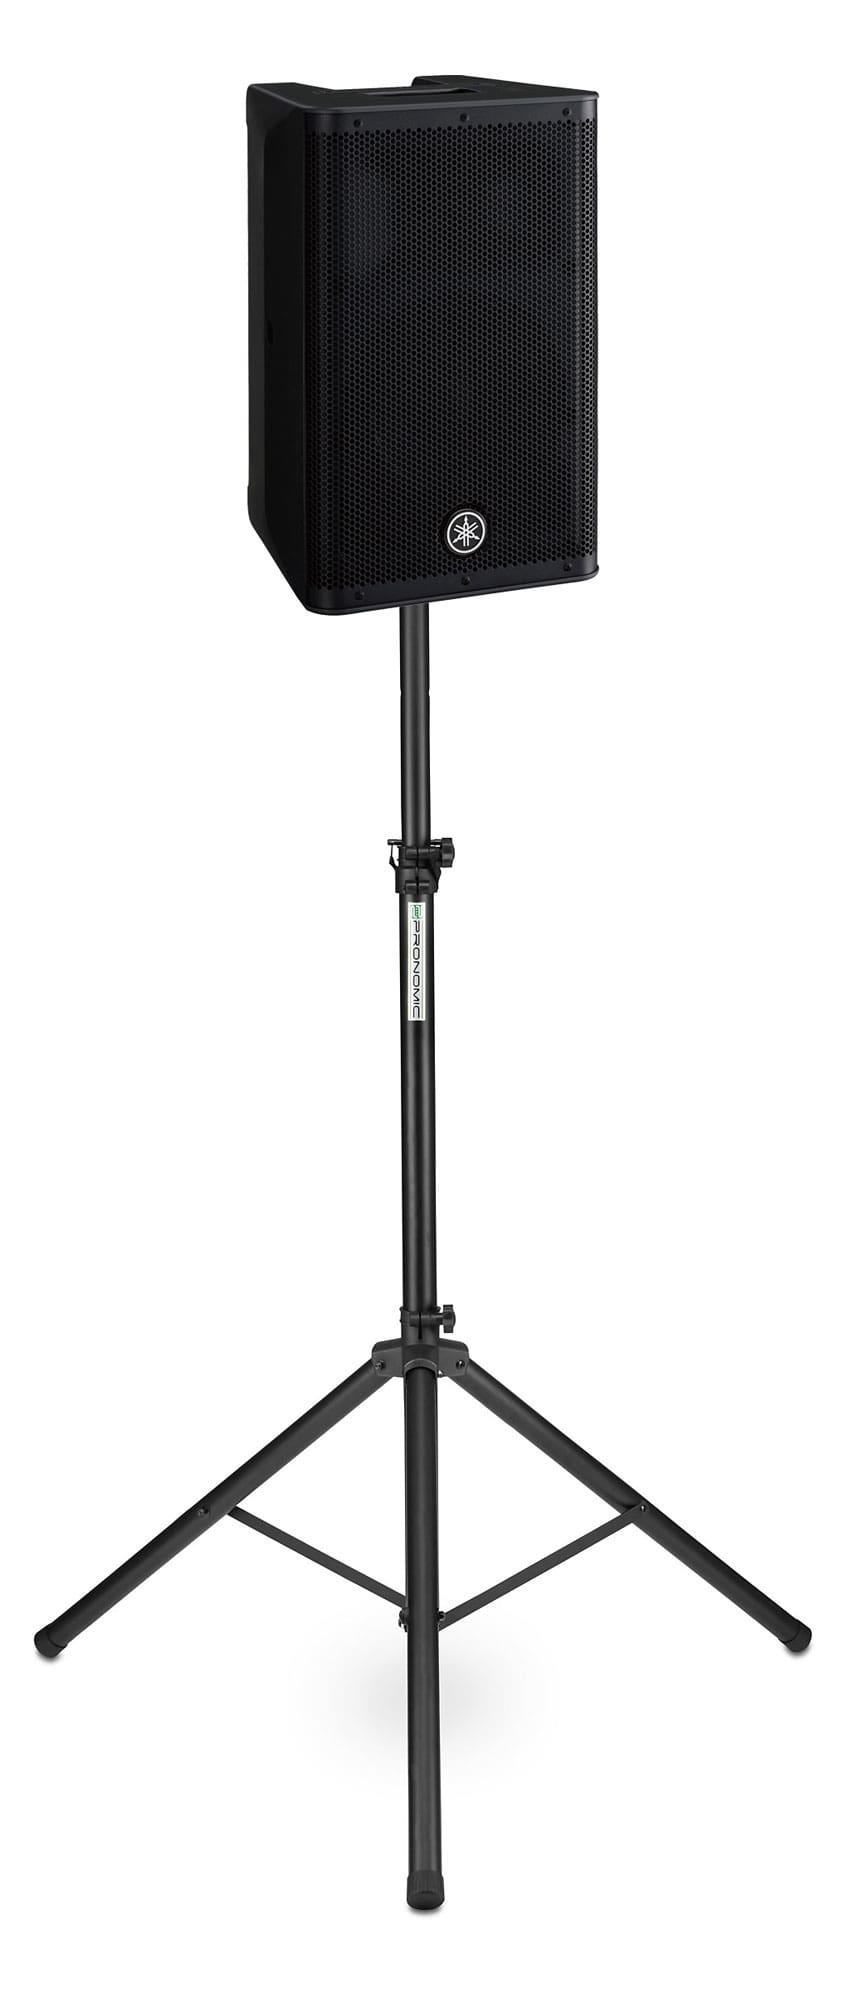 Paboxen - Yamaha DXR8mkII Aktivbox Set inkl. Stativ - Onlineshop Musikhaus Kirstein